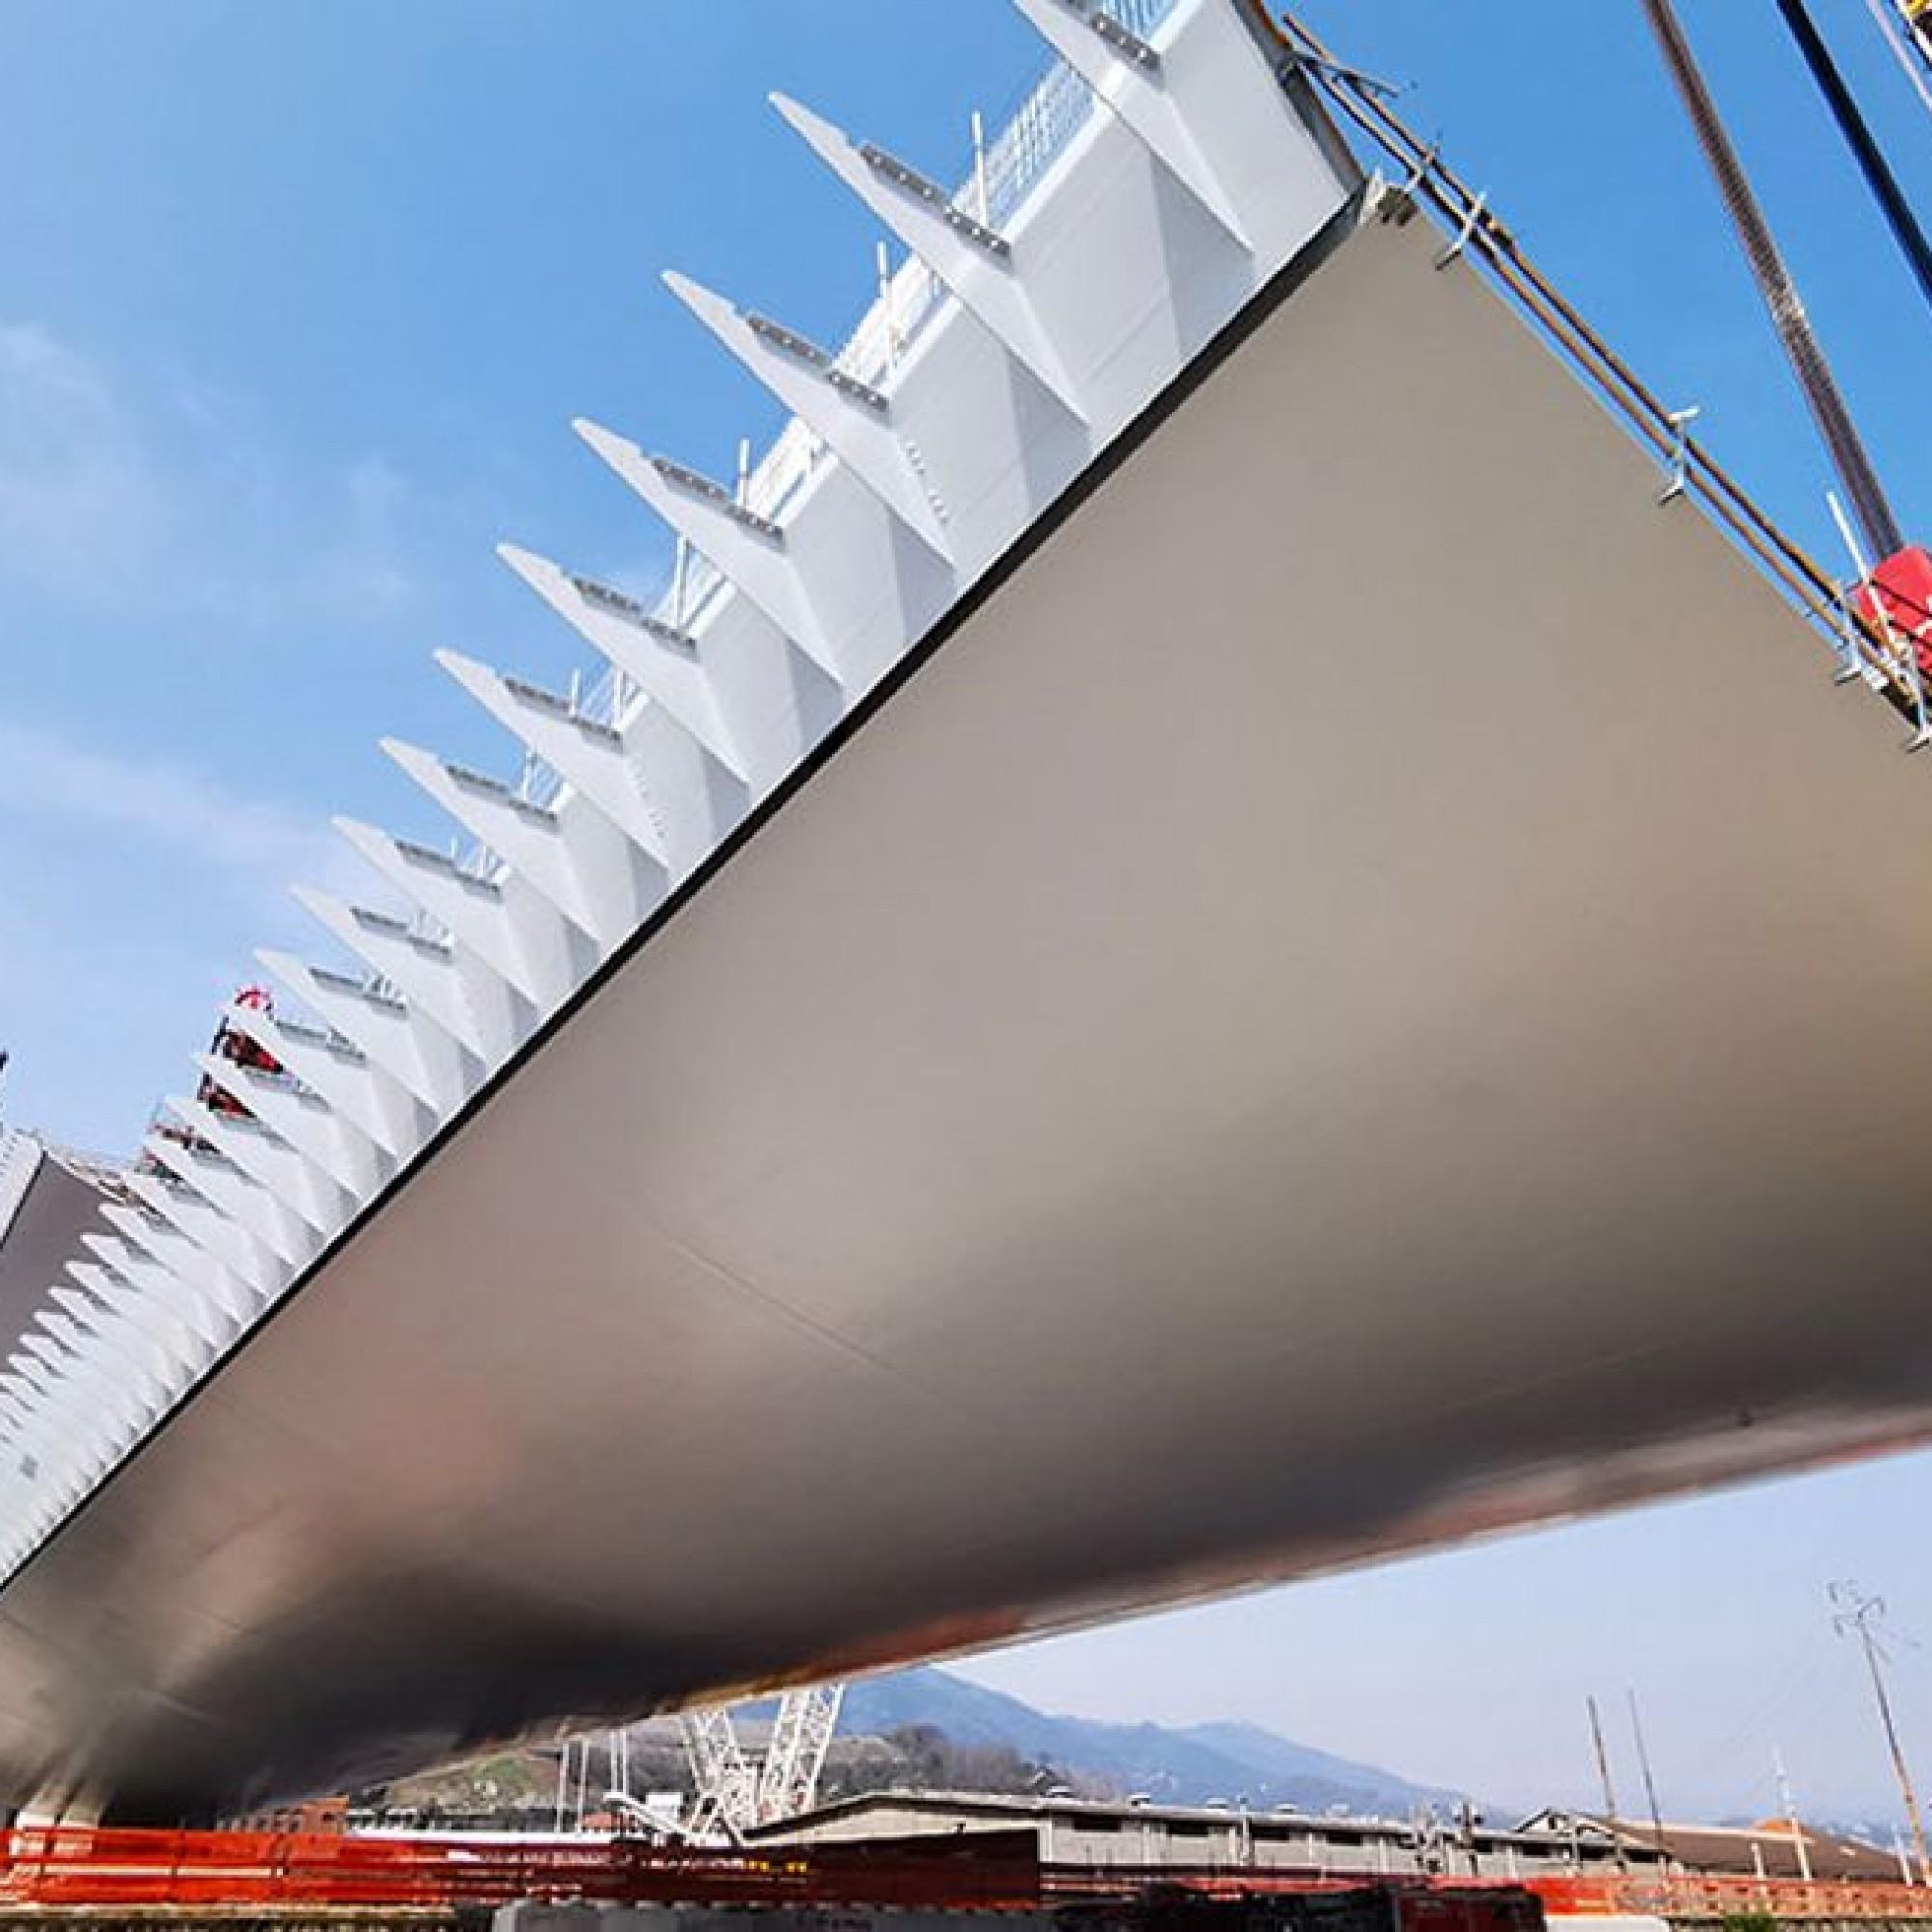 En une année à peine, le nouveau pont Saint-Georges est sorti de terre. 19 piles qui montent jusqu'à 90 m de hauteur, un tablier en acier qui ressemble à la carène d'un navire.